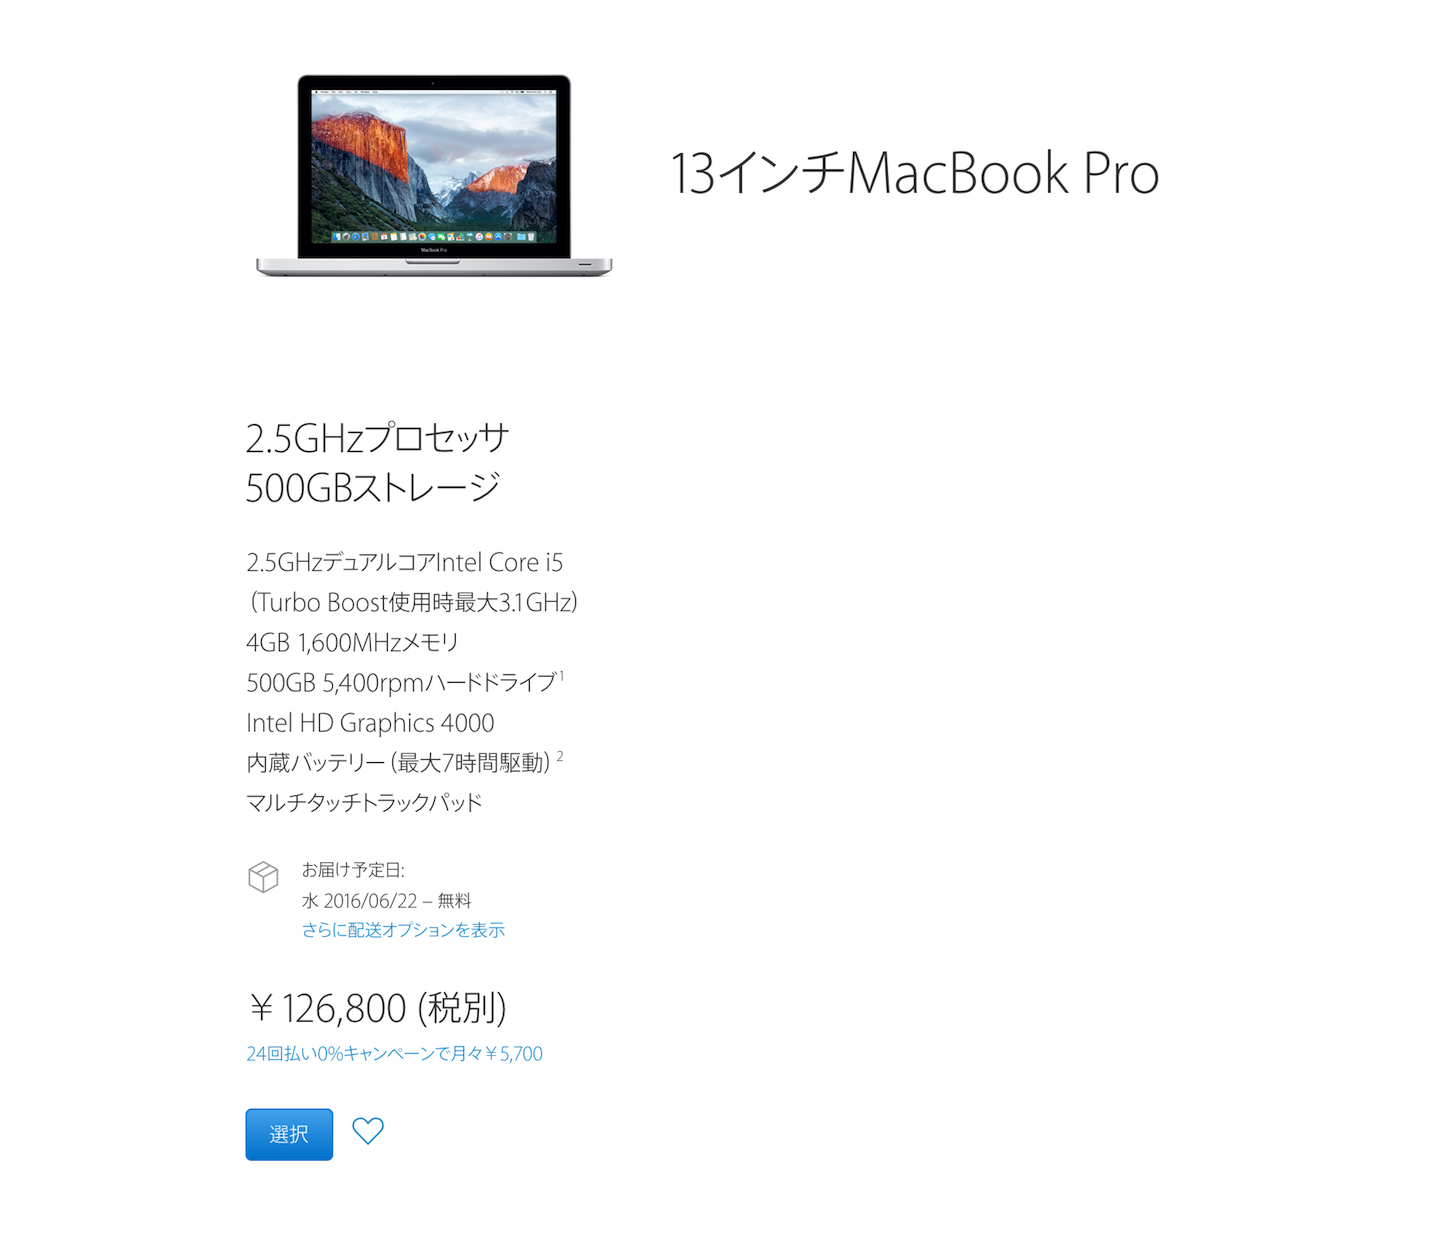 MacBook Pro Non Retina